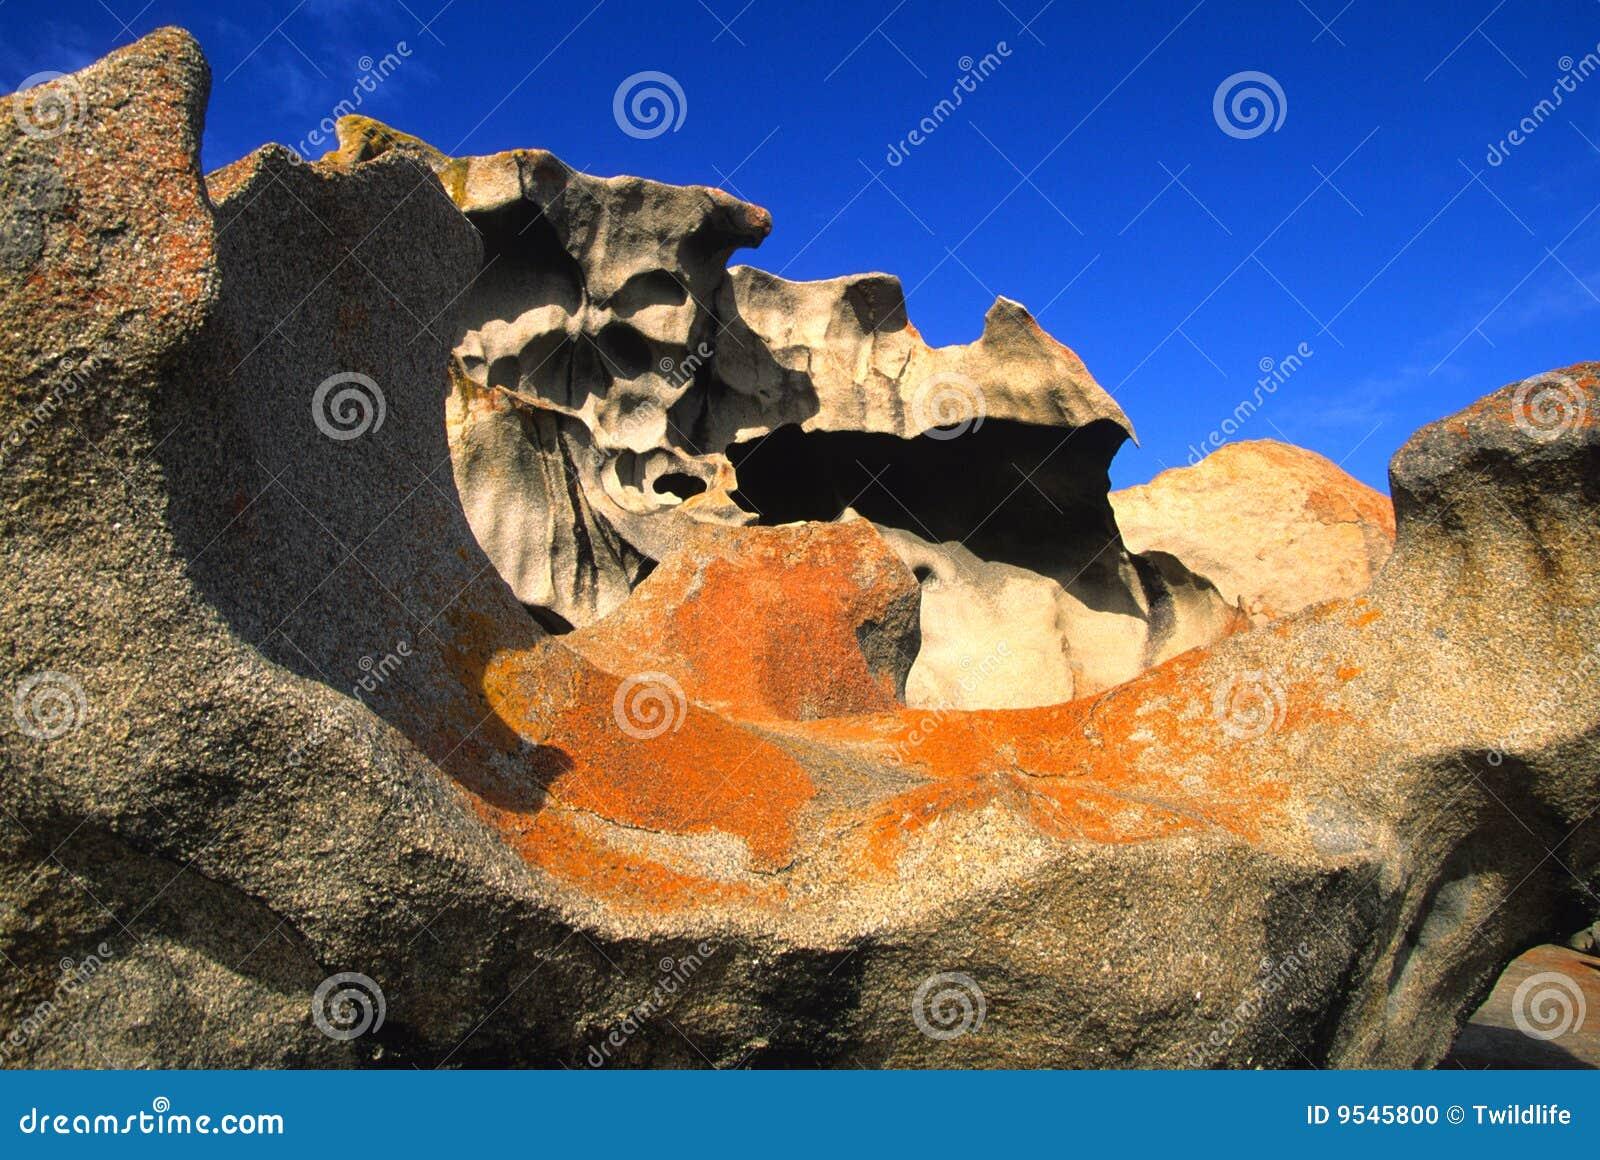 Roches remarquables de formation de l australie